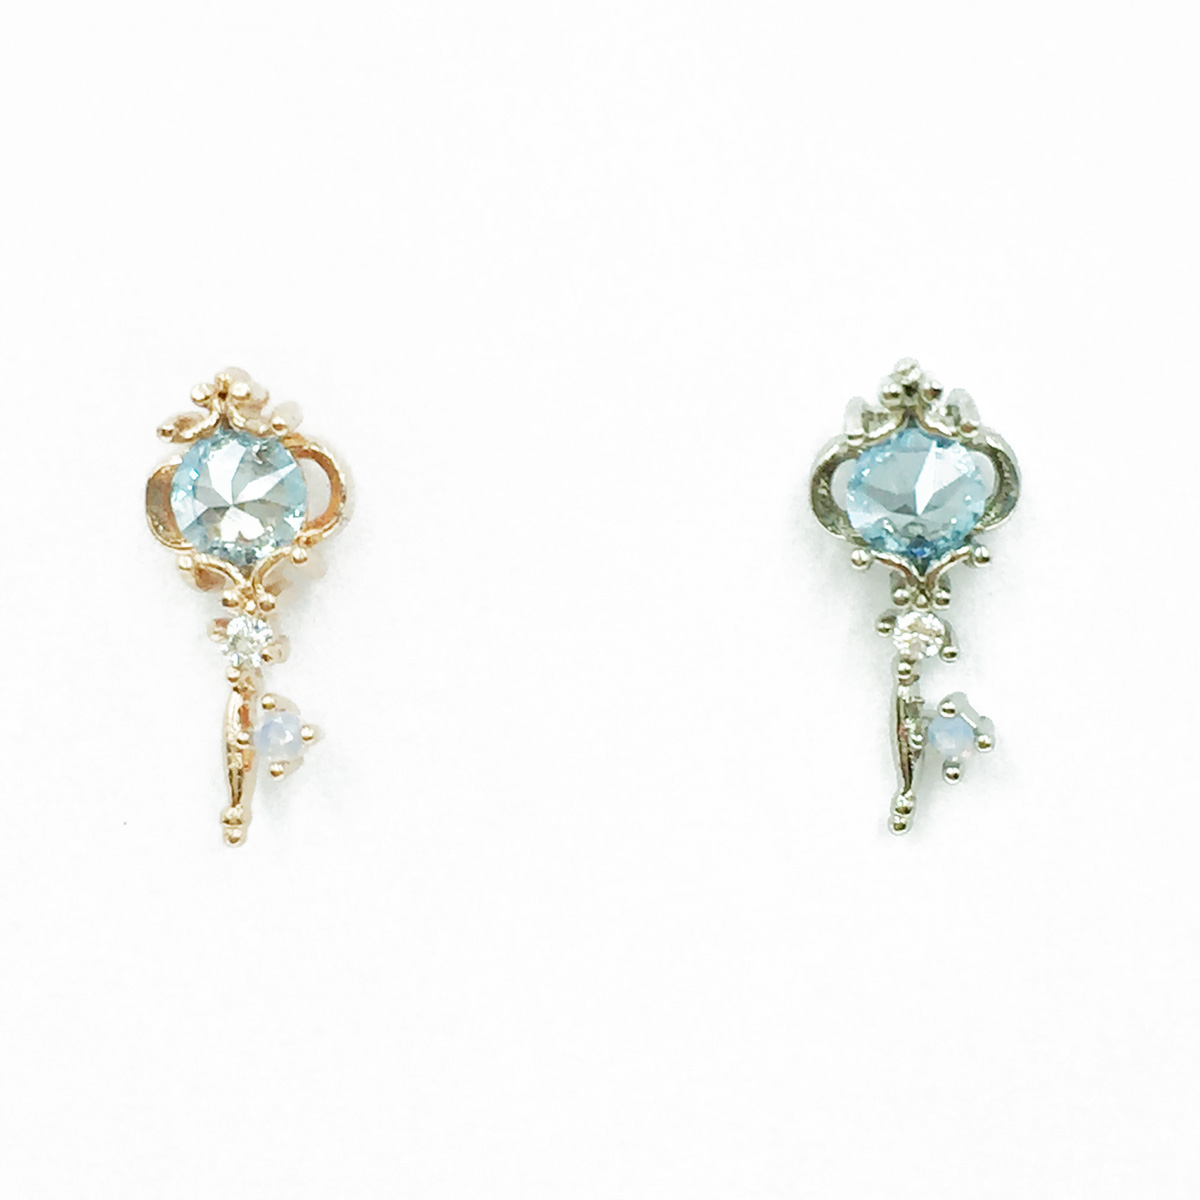 韓國 不鏽鋼 鑰匙造型 水鑽 2色 單支後轉 耳針式耳環